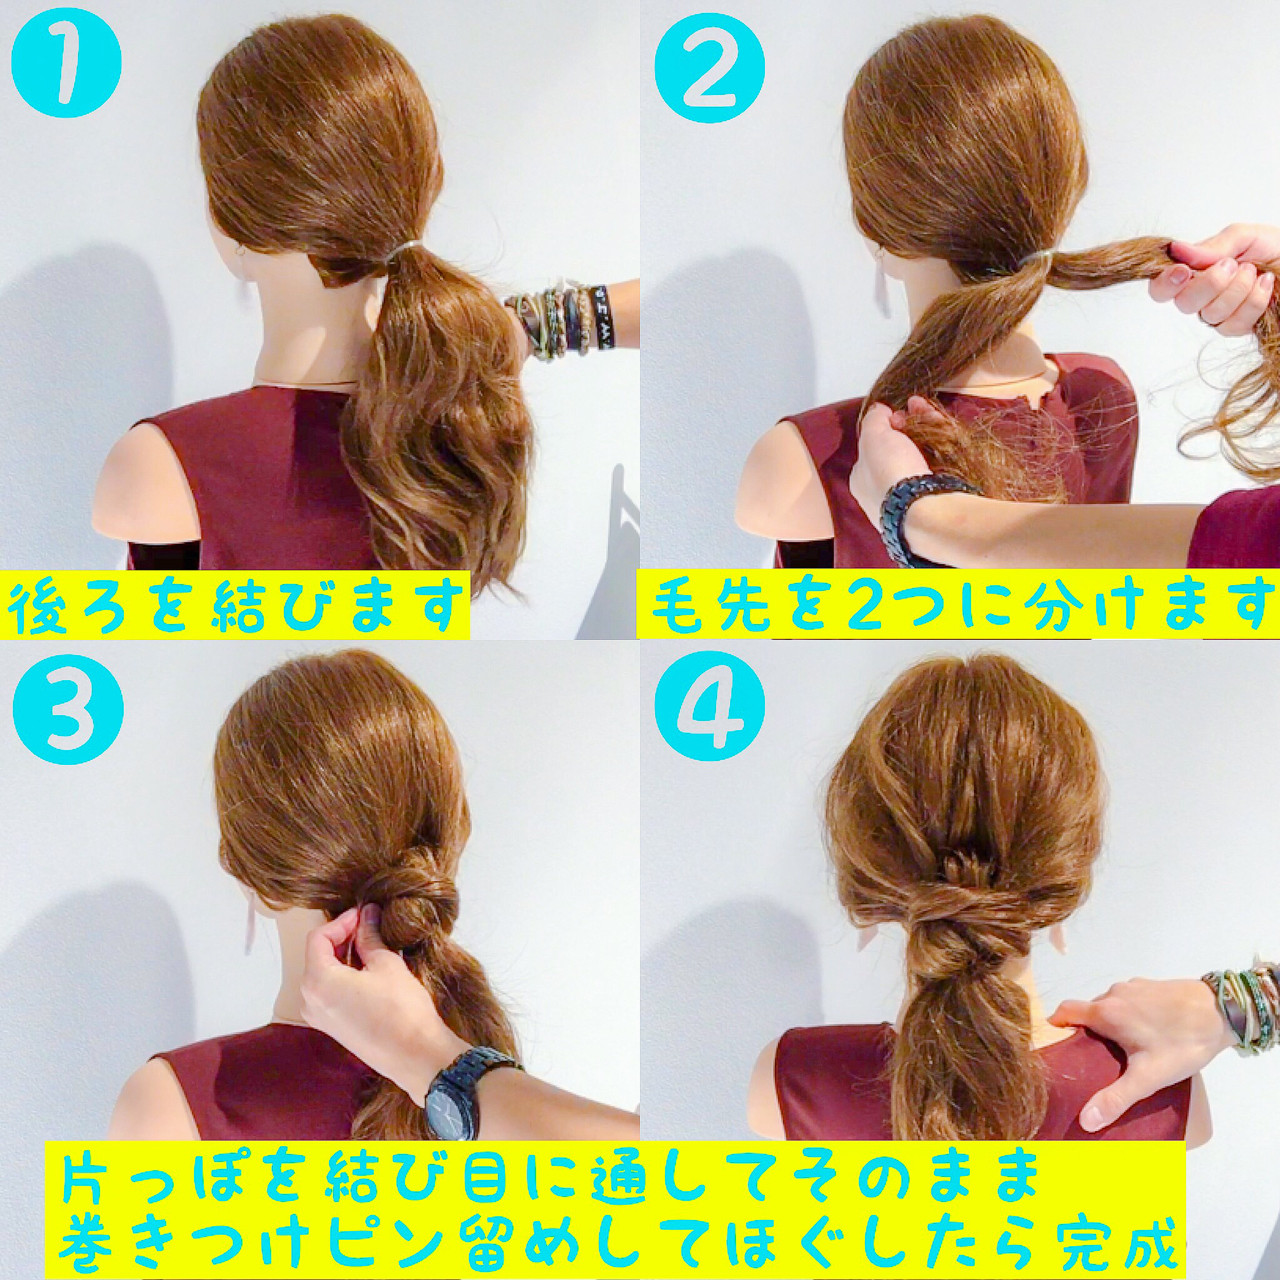 ナチュラル ロング アウトドア ヘアアレンジ ヘアスタイルや髪型の写真・画像 | 美容師HIRO/Amoute代表 / Amoute/アムティ